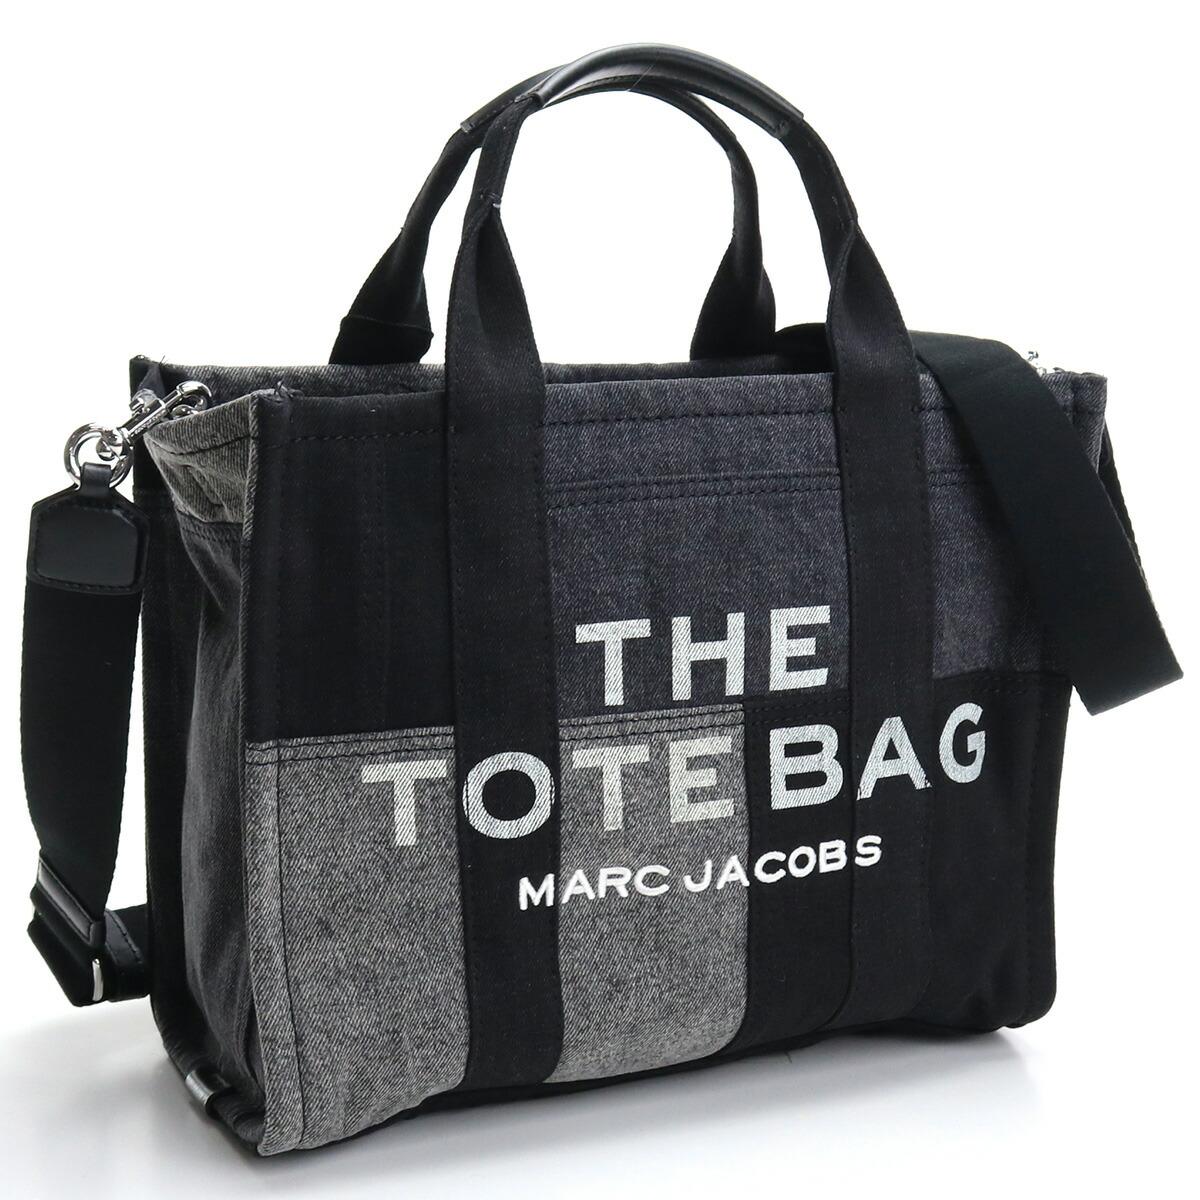 マーク・ジェイコブス MARC JACOBS  トートバッグ ブランドバッグ ブランドロゴ H017M06FA21 012 THE DENIM SMALL TOTE BAG 2way BLACK DENIM ブラック グレー系 bag-01